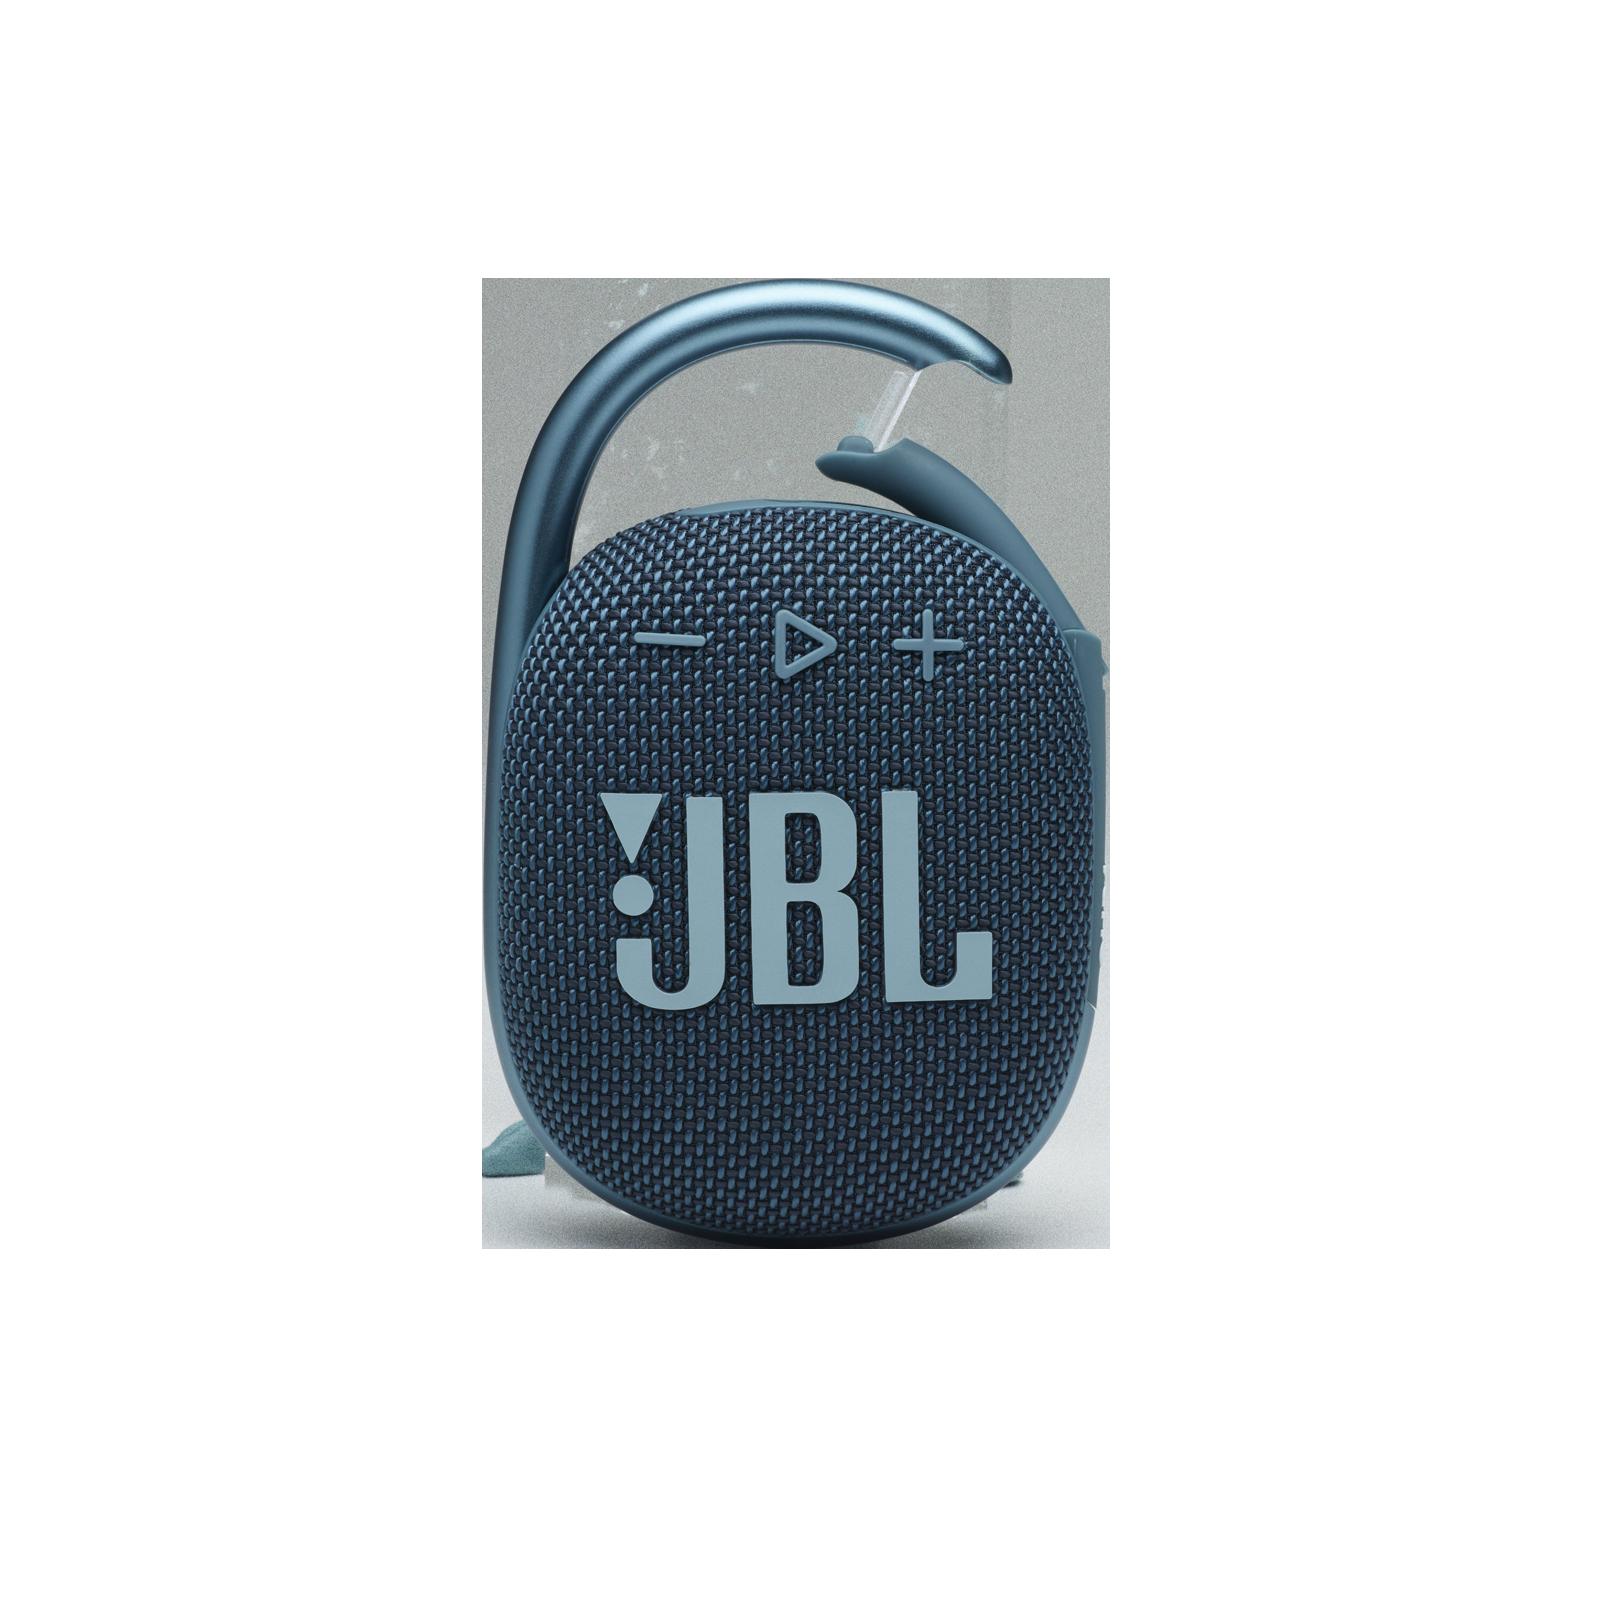 JBL CLIP 4 - Blue - Ultra-portable Waterproof Speaker - Front